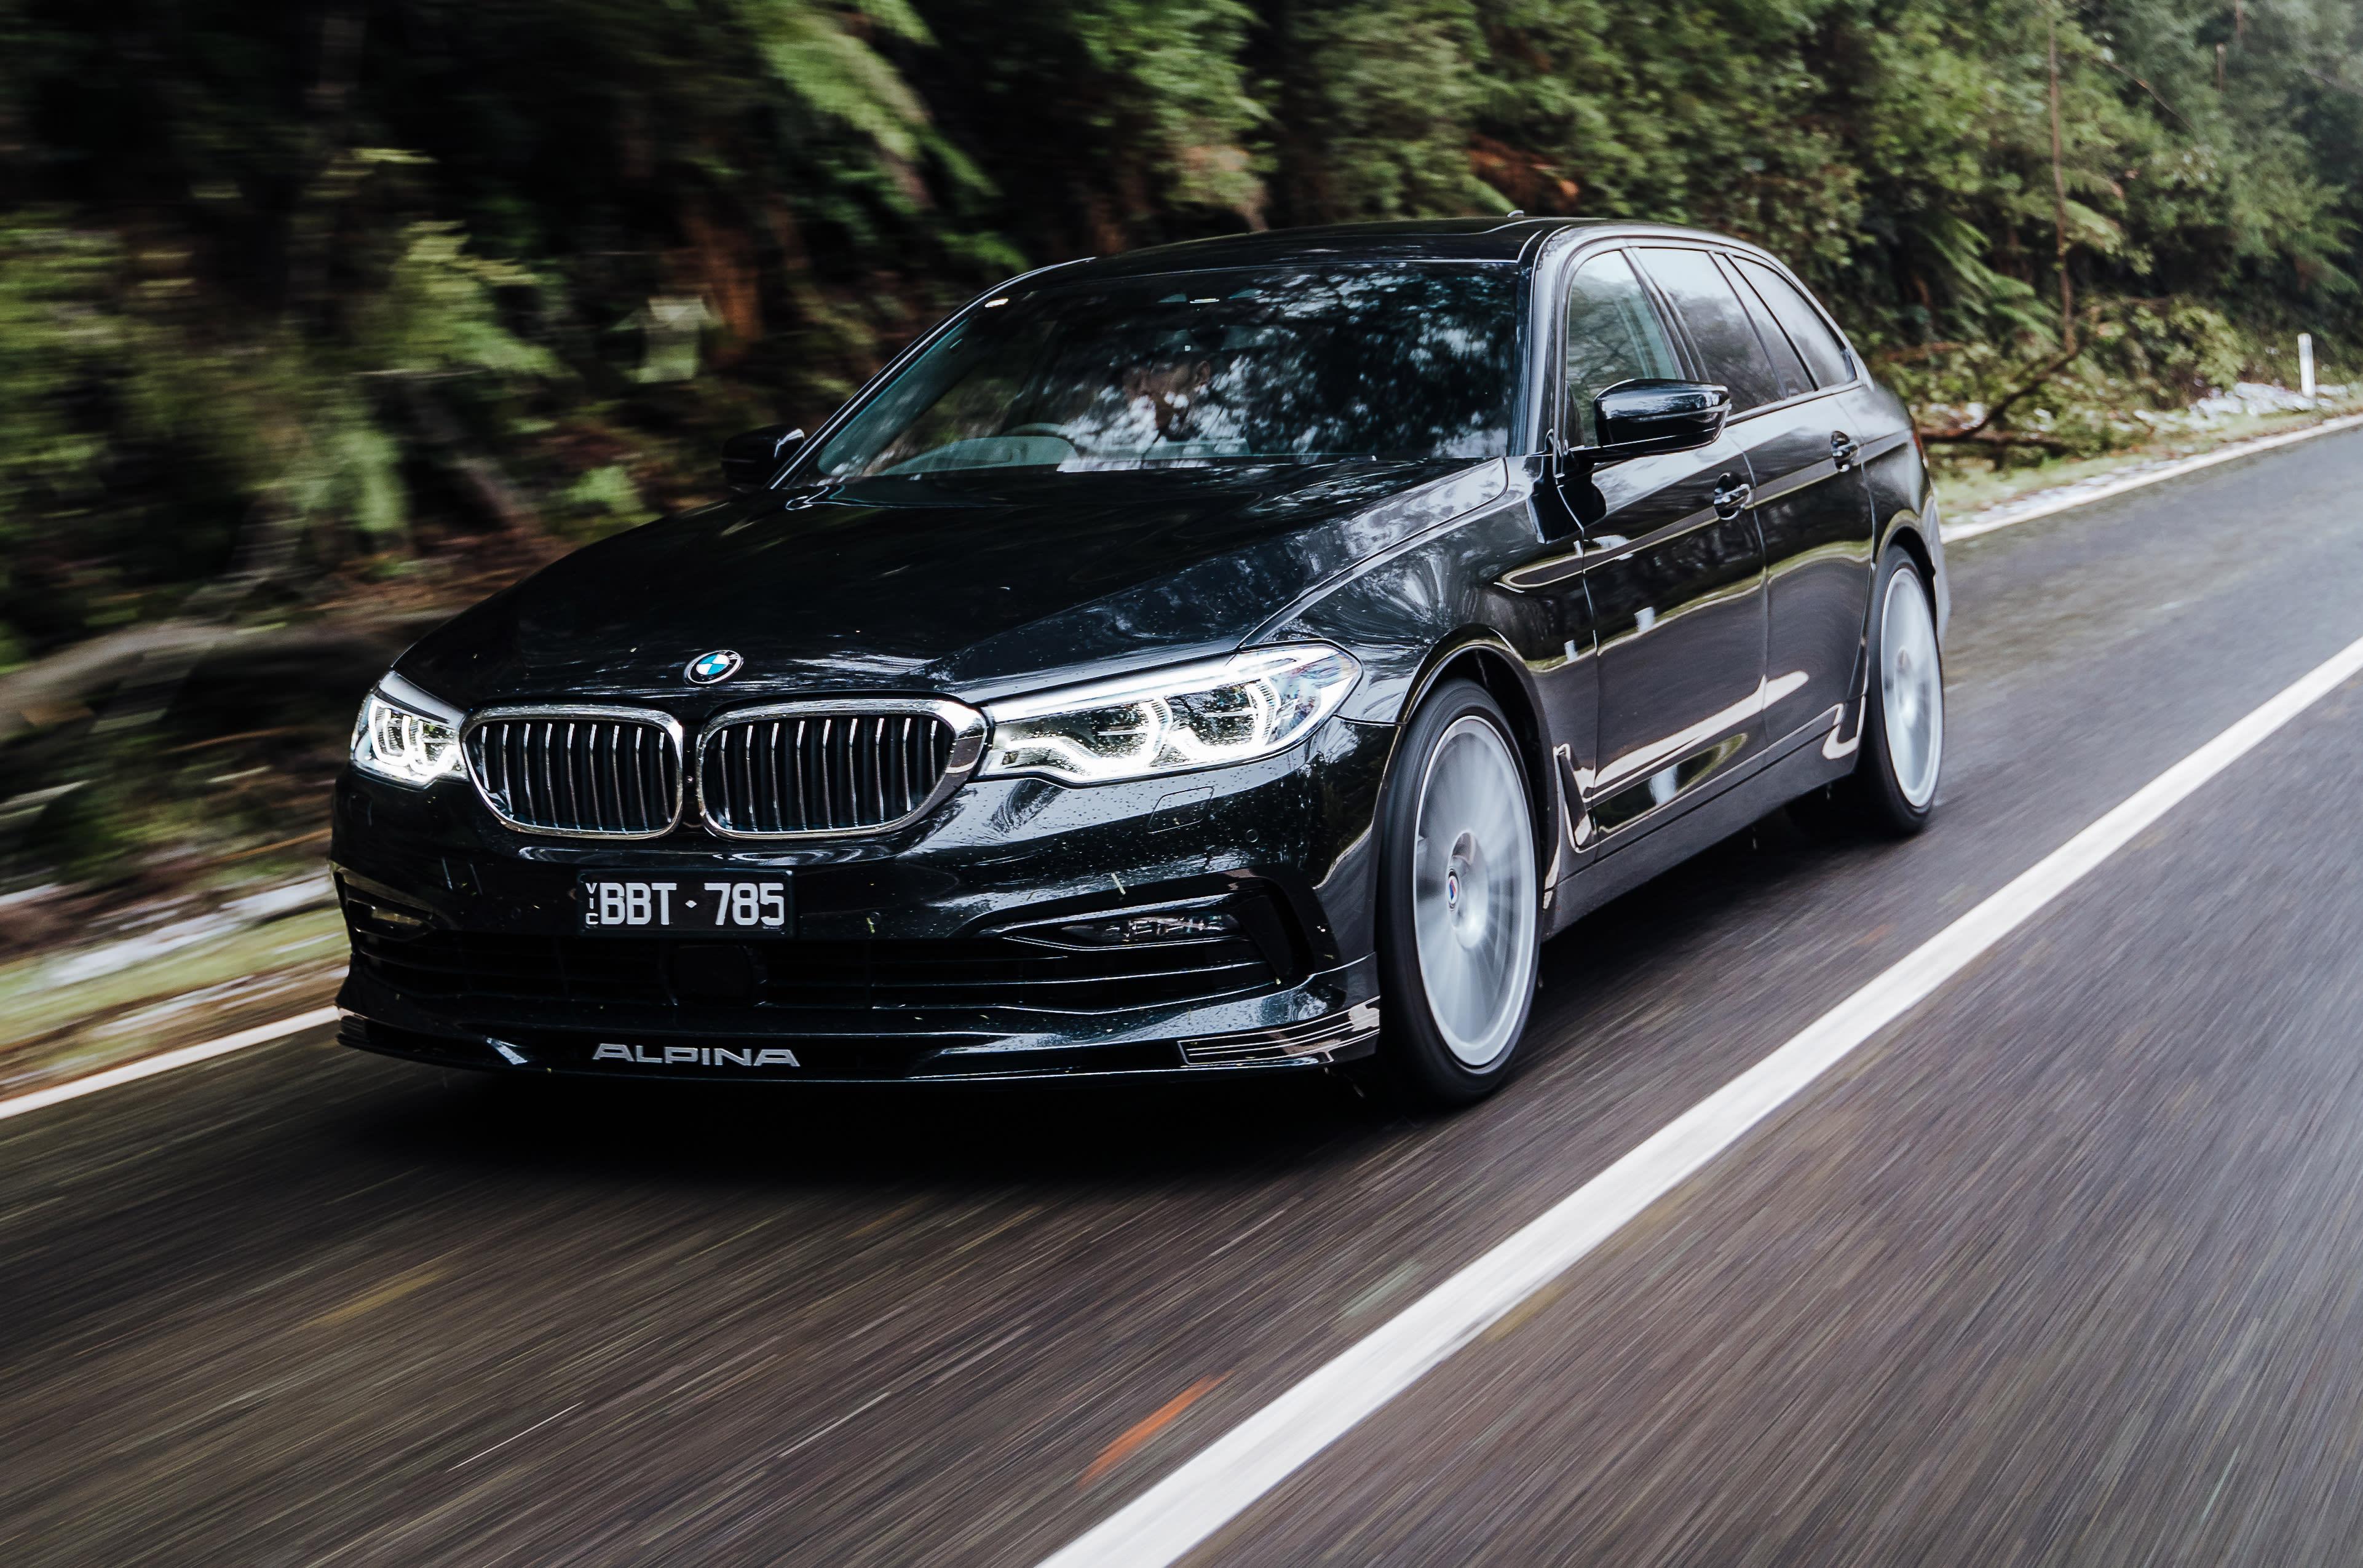 2019 Alpina B5 Touring review